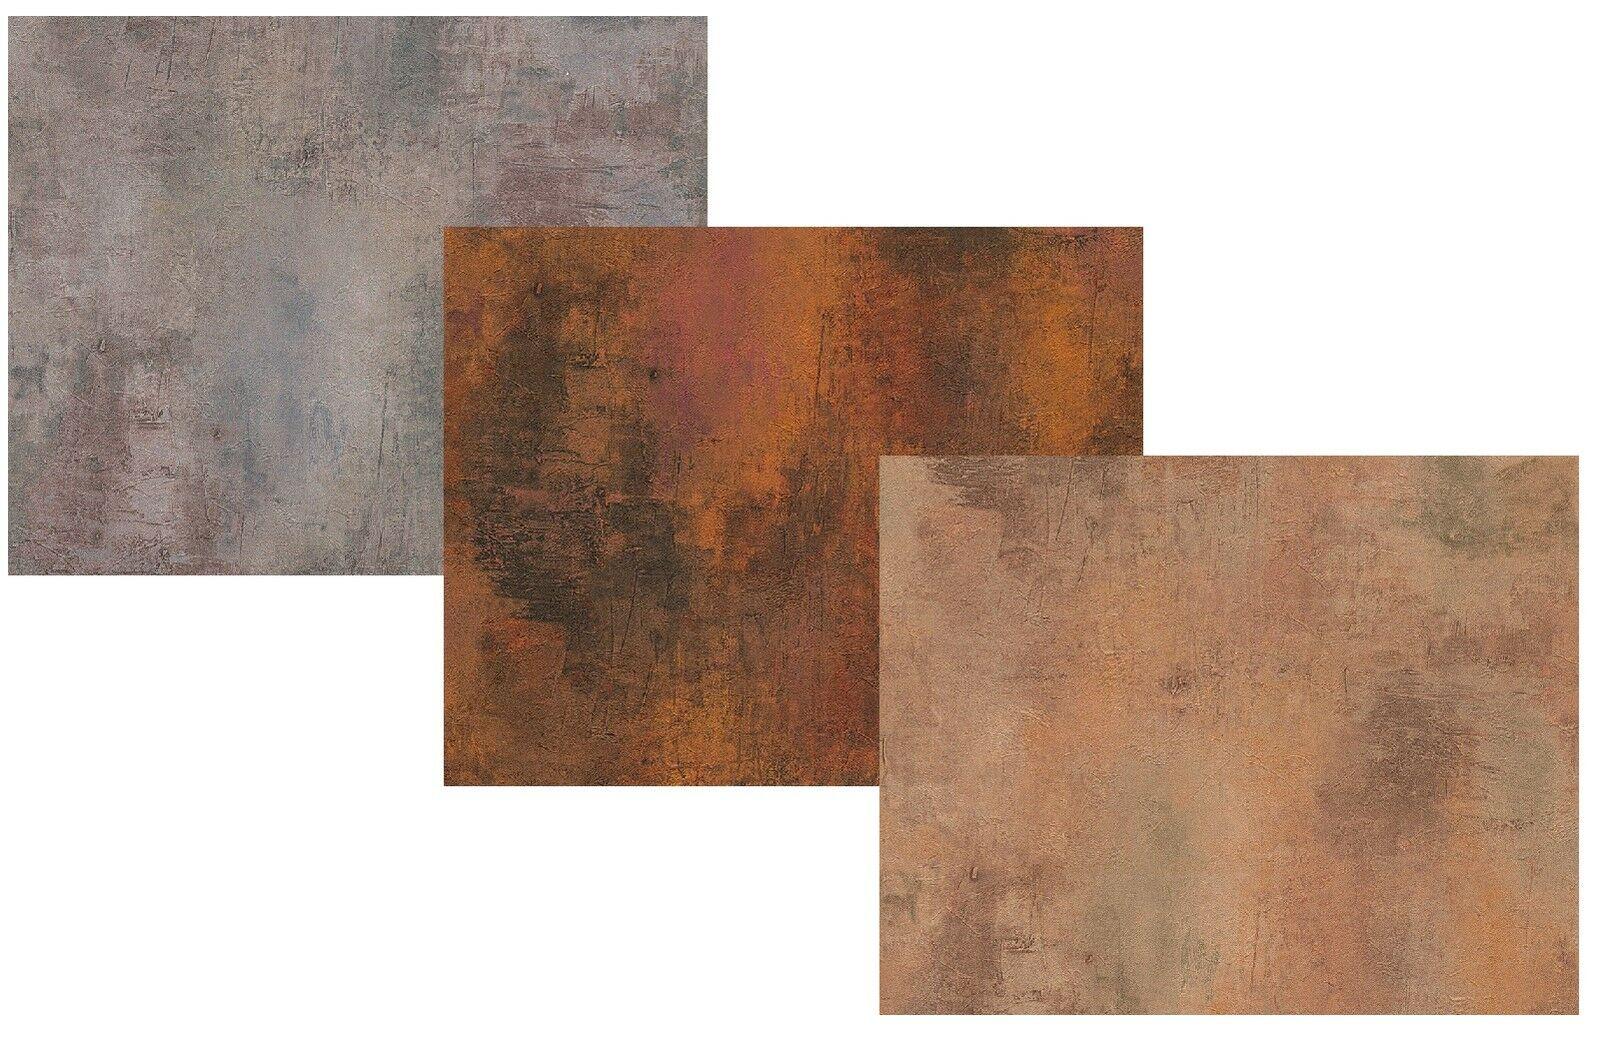 Vlies Tapete Patina Stein Wand Grau Kupfer Rost Braun Antik Optik Beton 1  ...